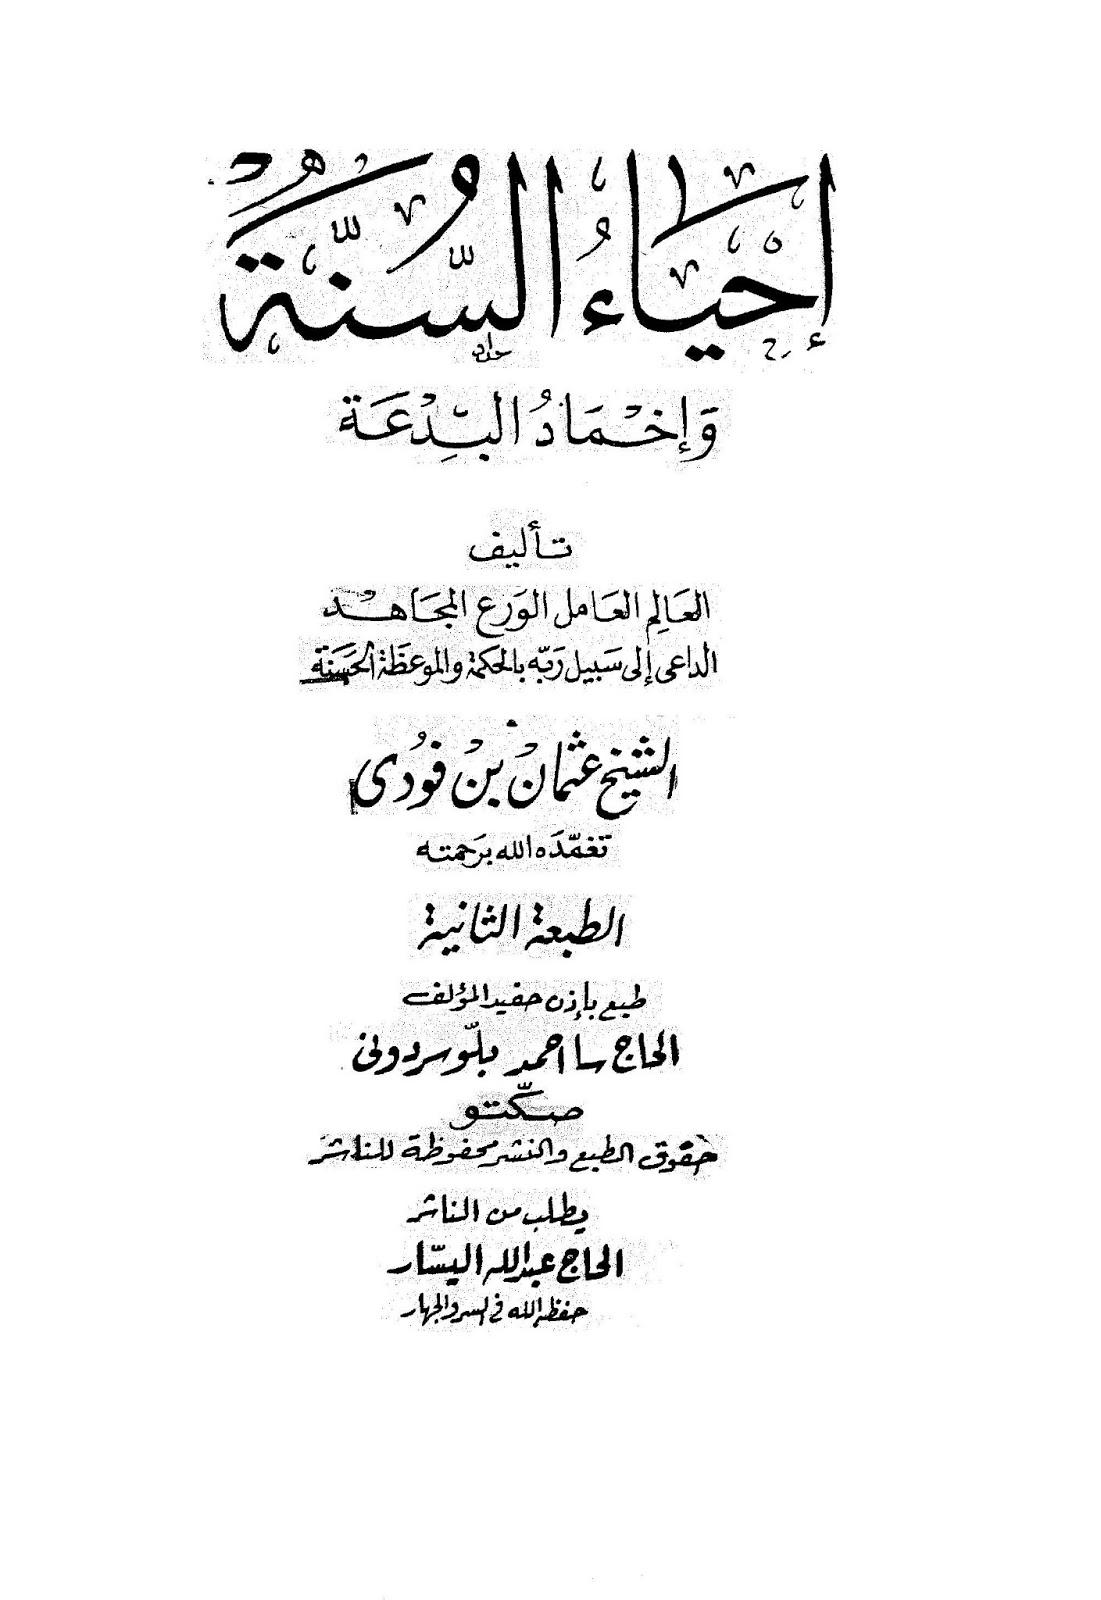 إحياء السنة وإخماد البدعة - عثمان فودى pdf